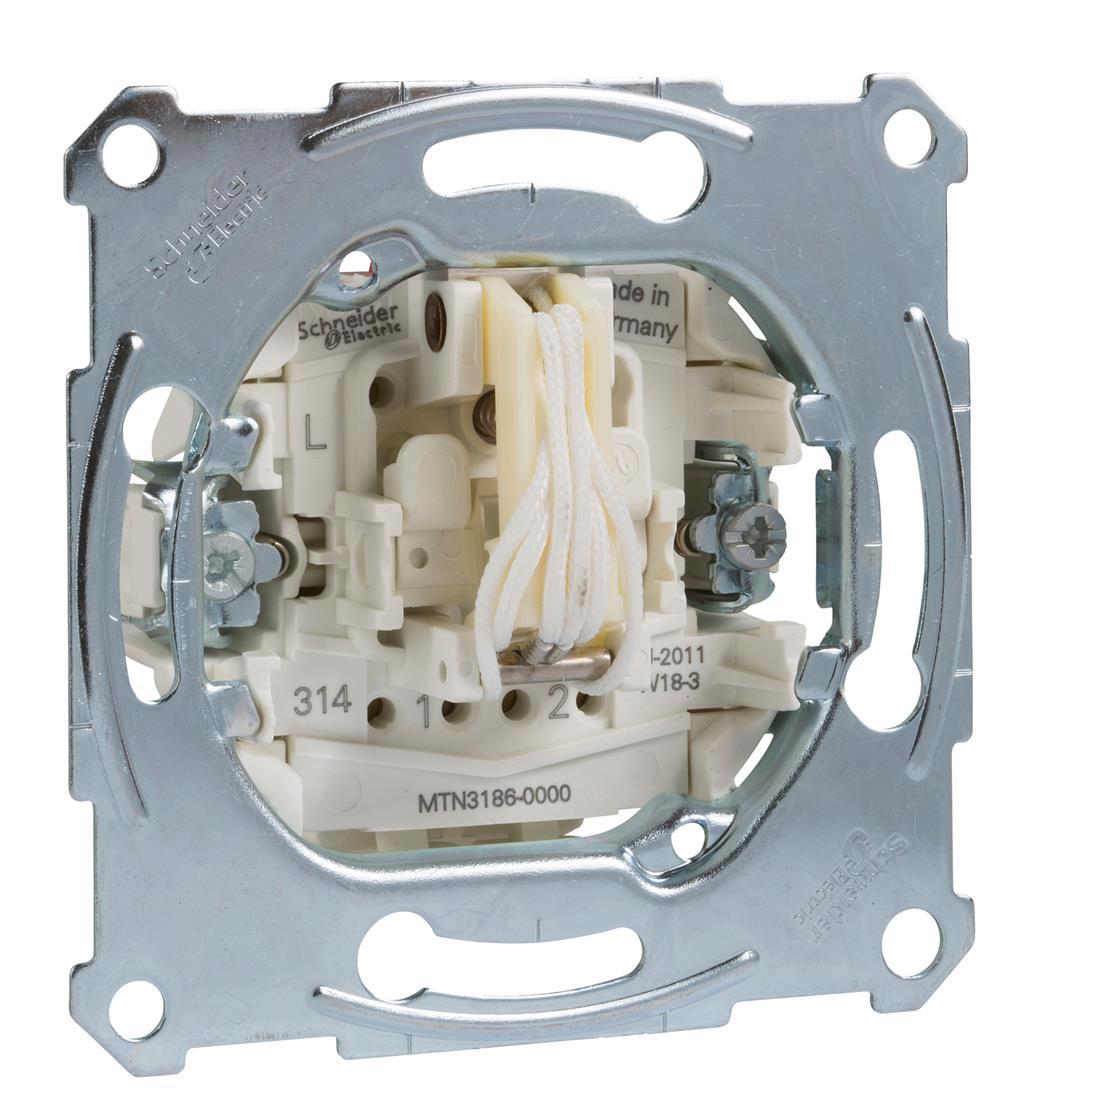 Schneider-Merten trek-/wisselschakelaarsokkel, 1-polig, 10 AX, AC 250 V met steekklemmen (MTN3186-0000)